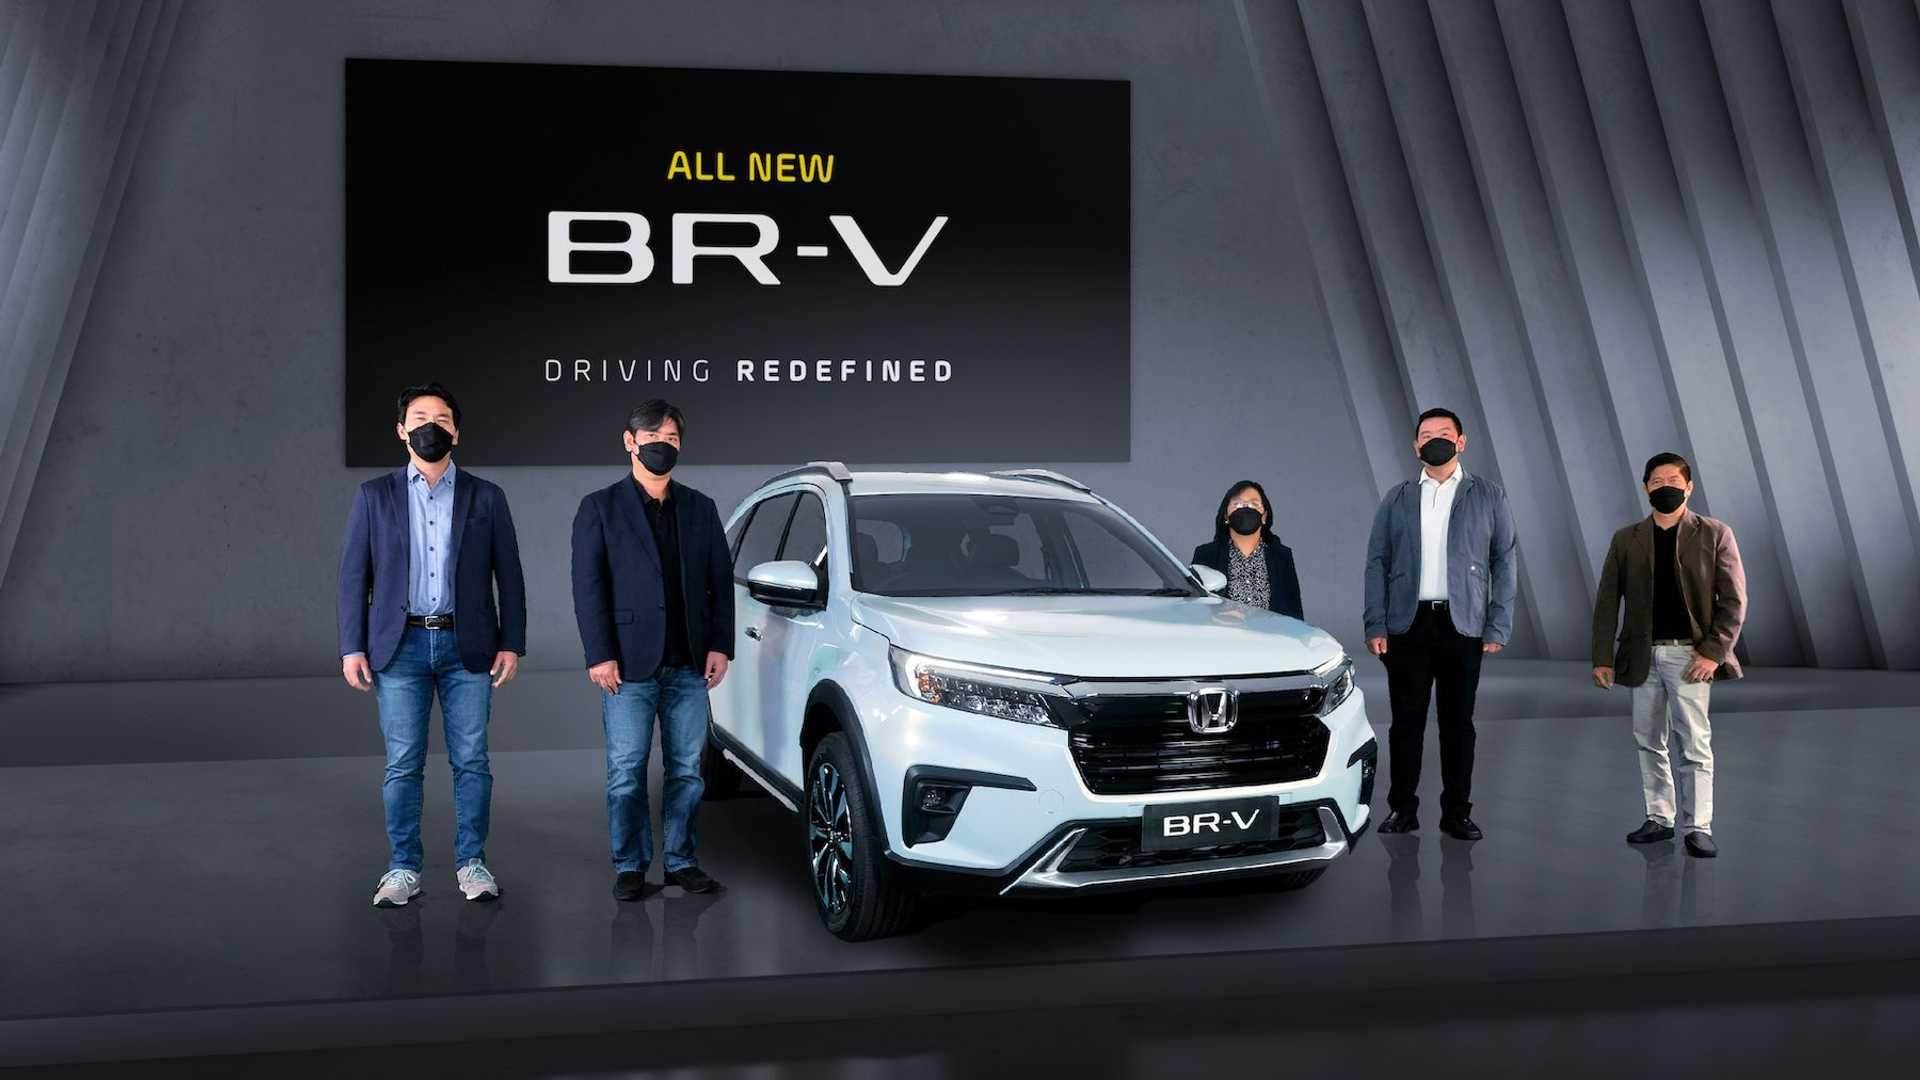 Представленный шесть лет назад Honda BR-V пережил смену генераций. Презентация прошла в Индонезии – это один из ключевых рынков для модели.